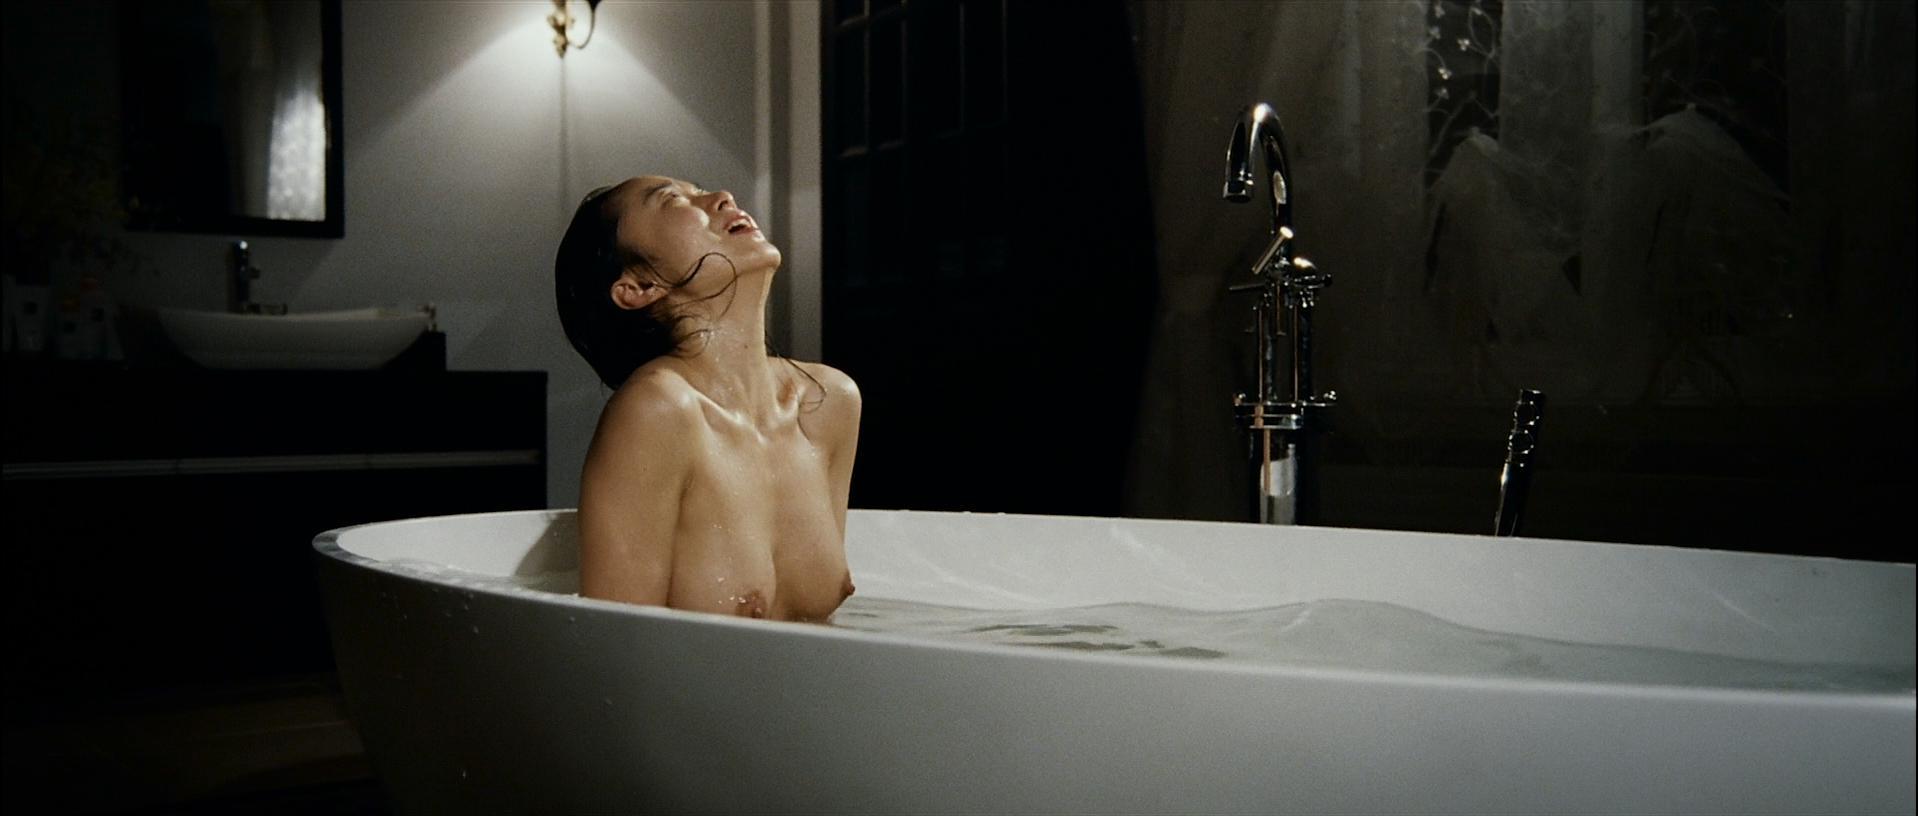 Do-yeon Jeon nude, Woo Seo nude - The Housemaid (2010)